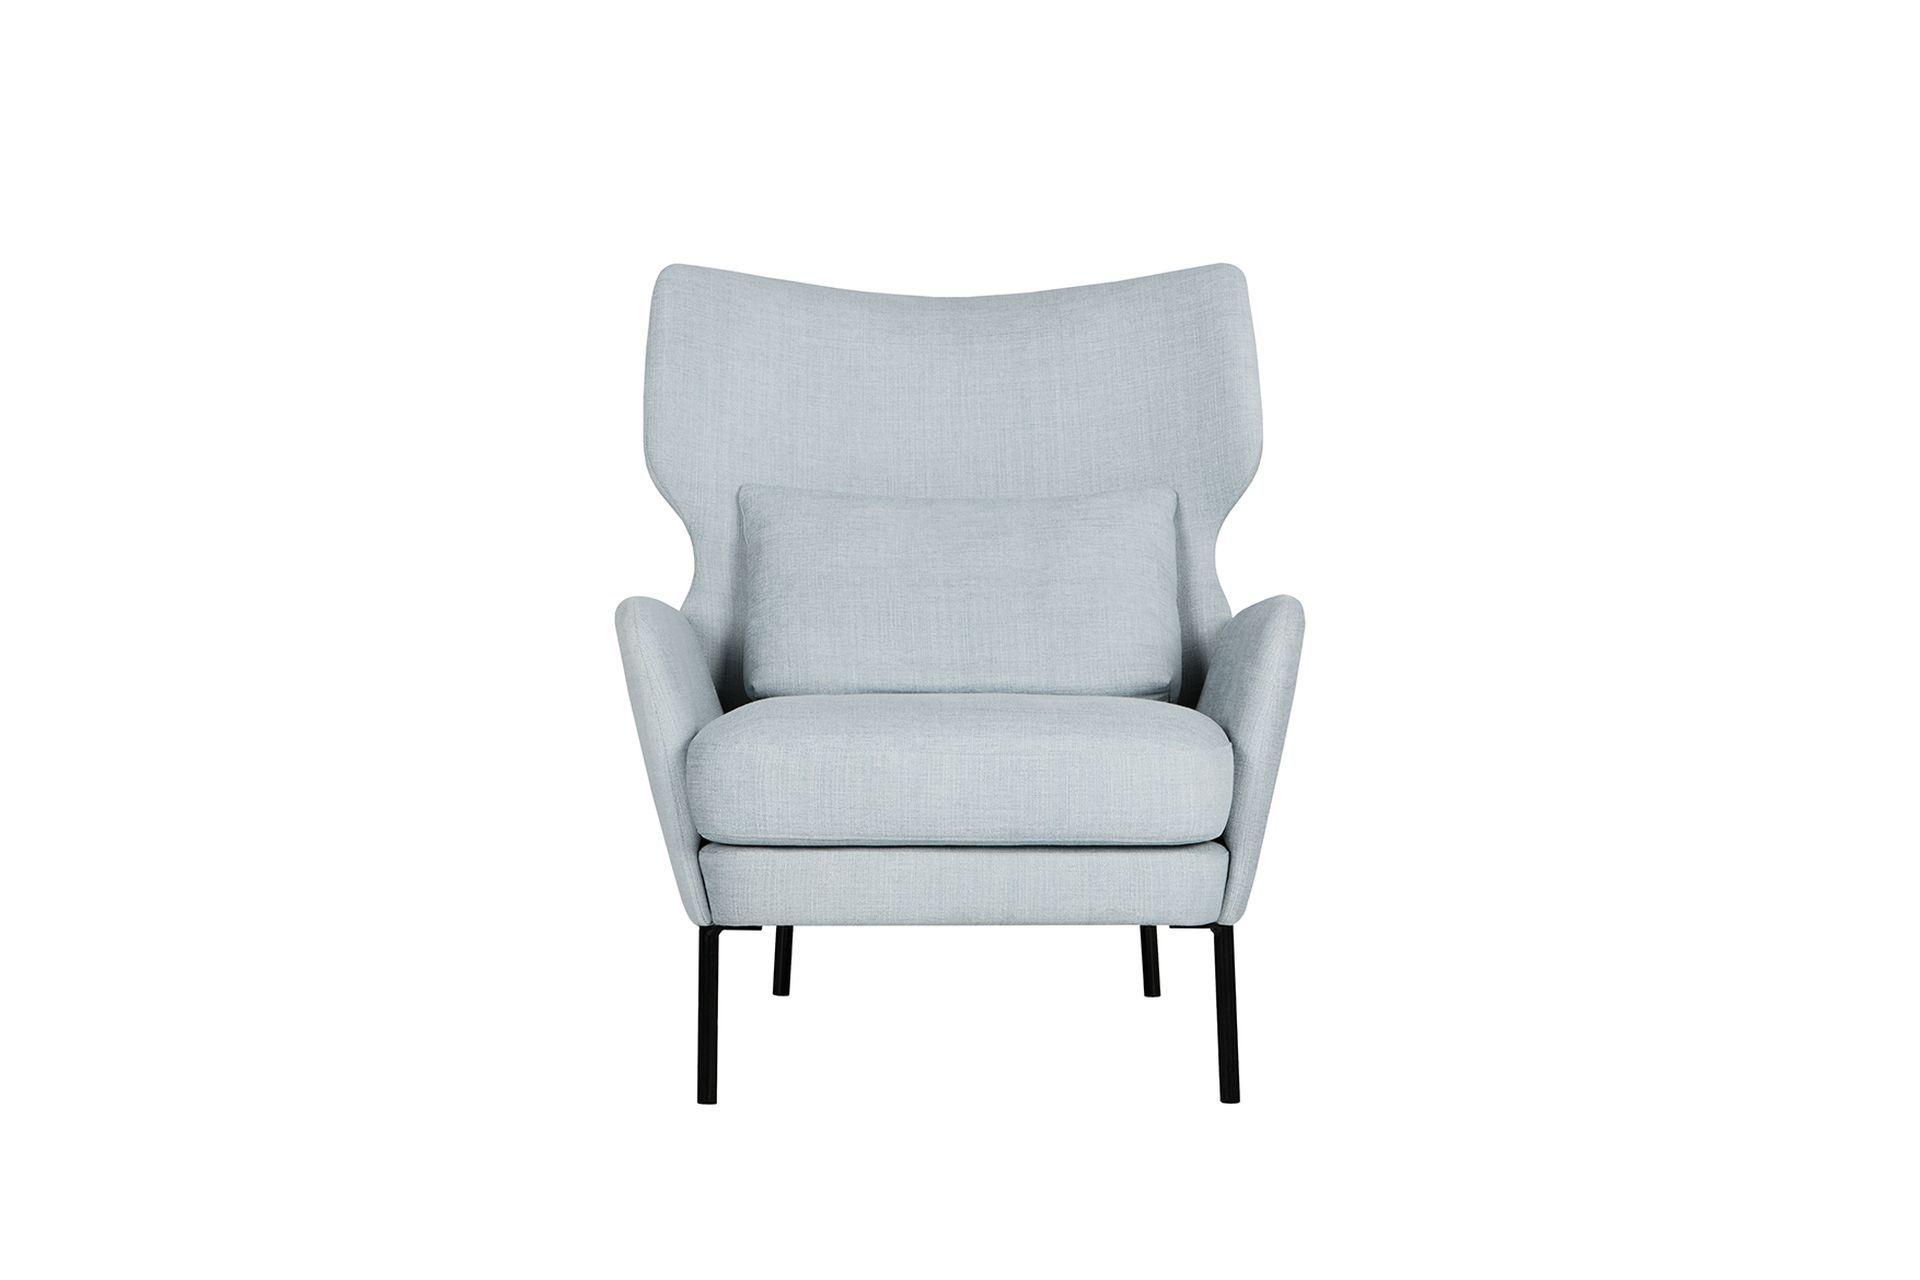 Кресло Sits 6298100 от thefurnish